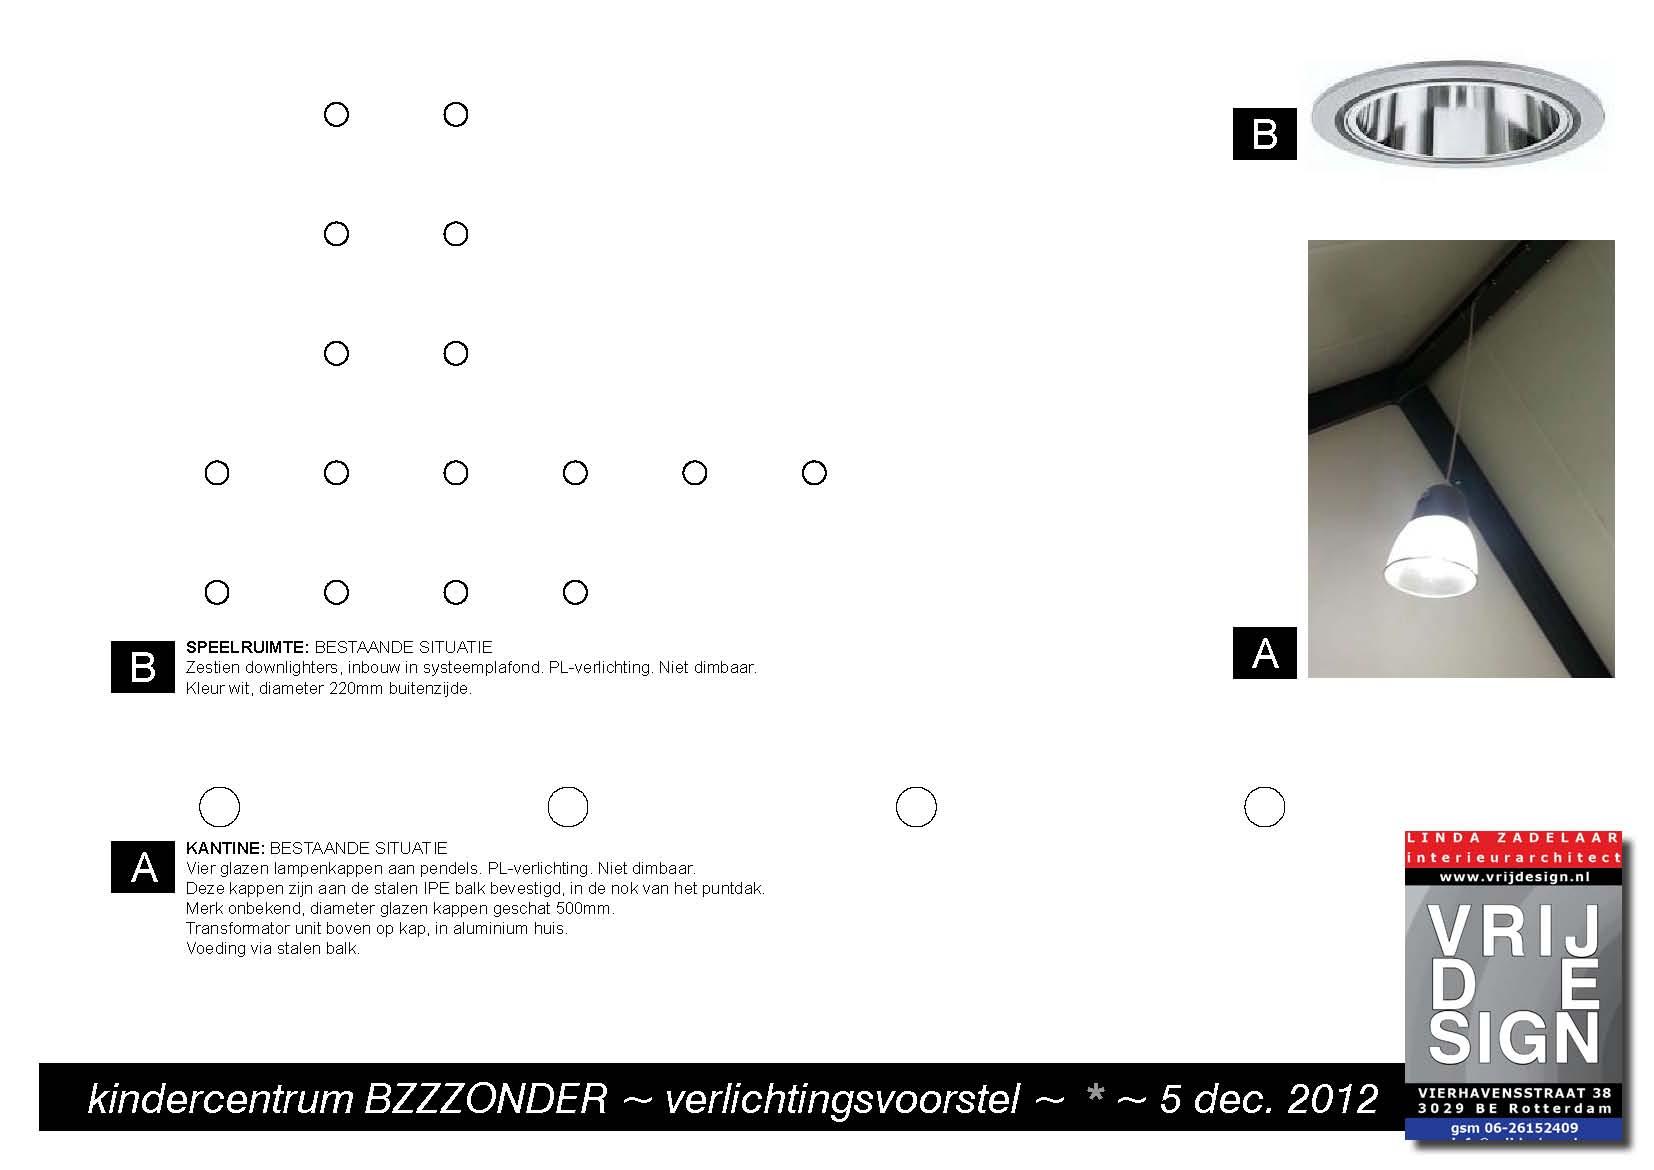 verlichtings ideeen - 5 dec 2012 (1)_Page_1